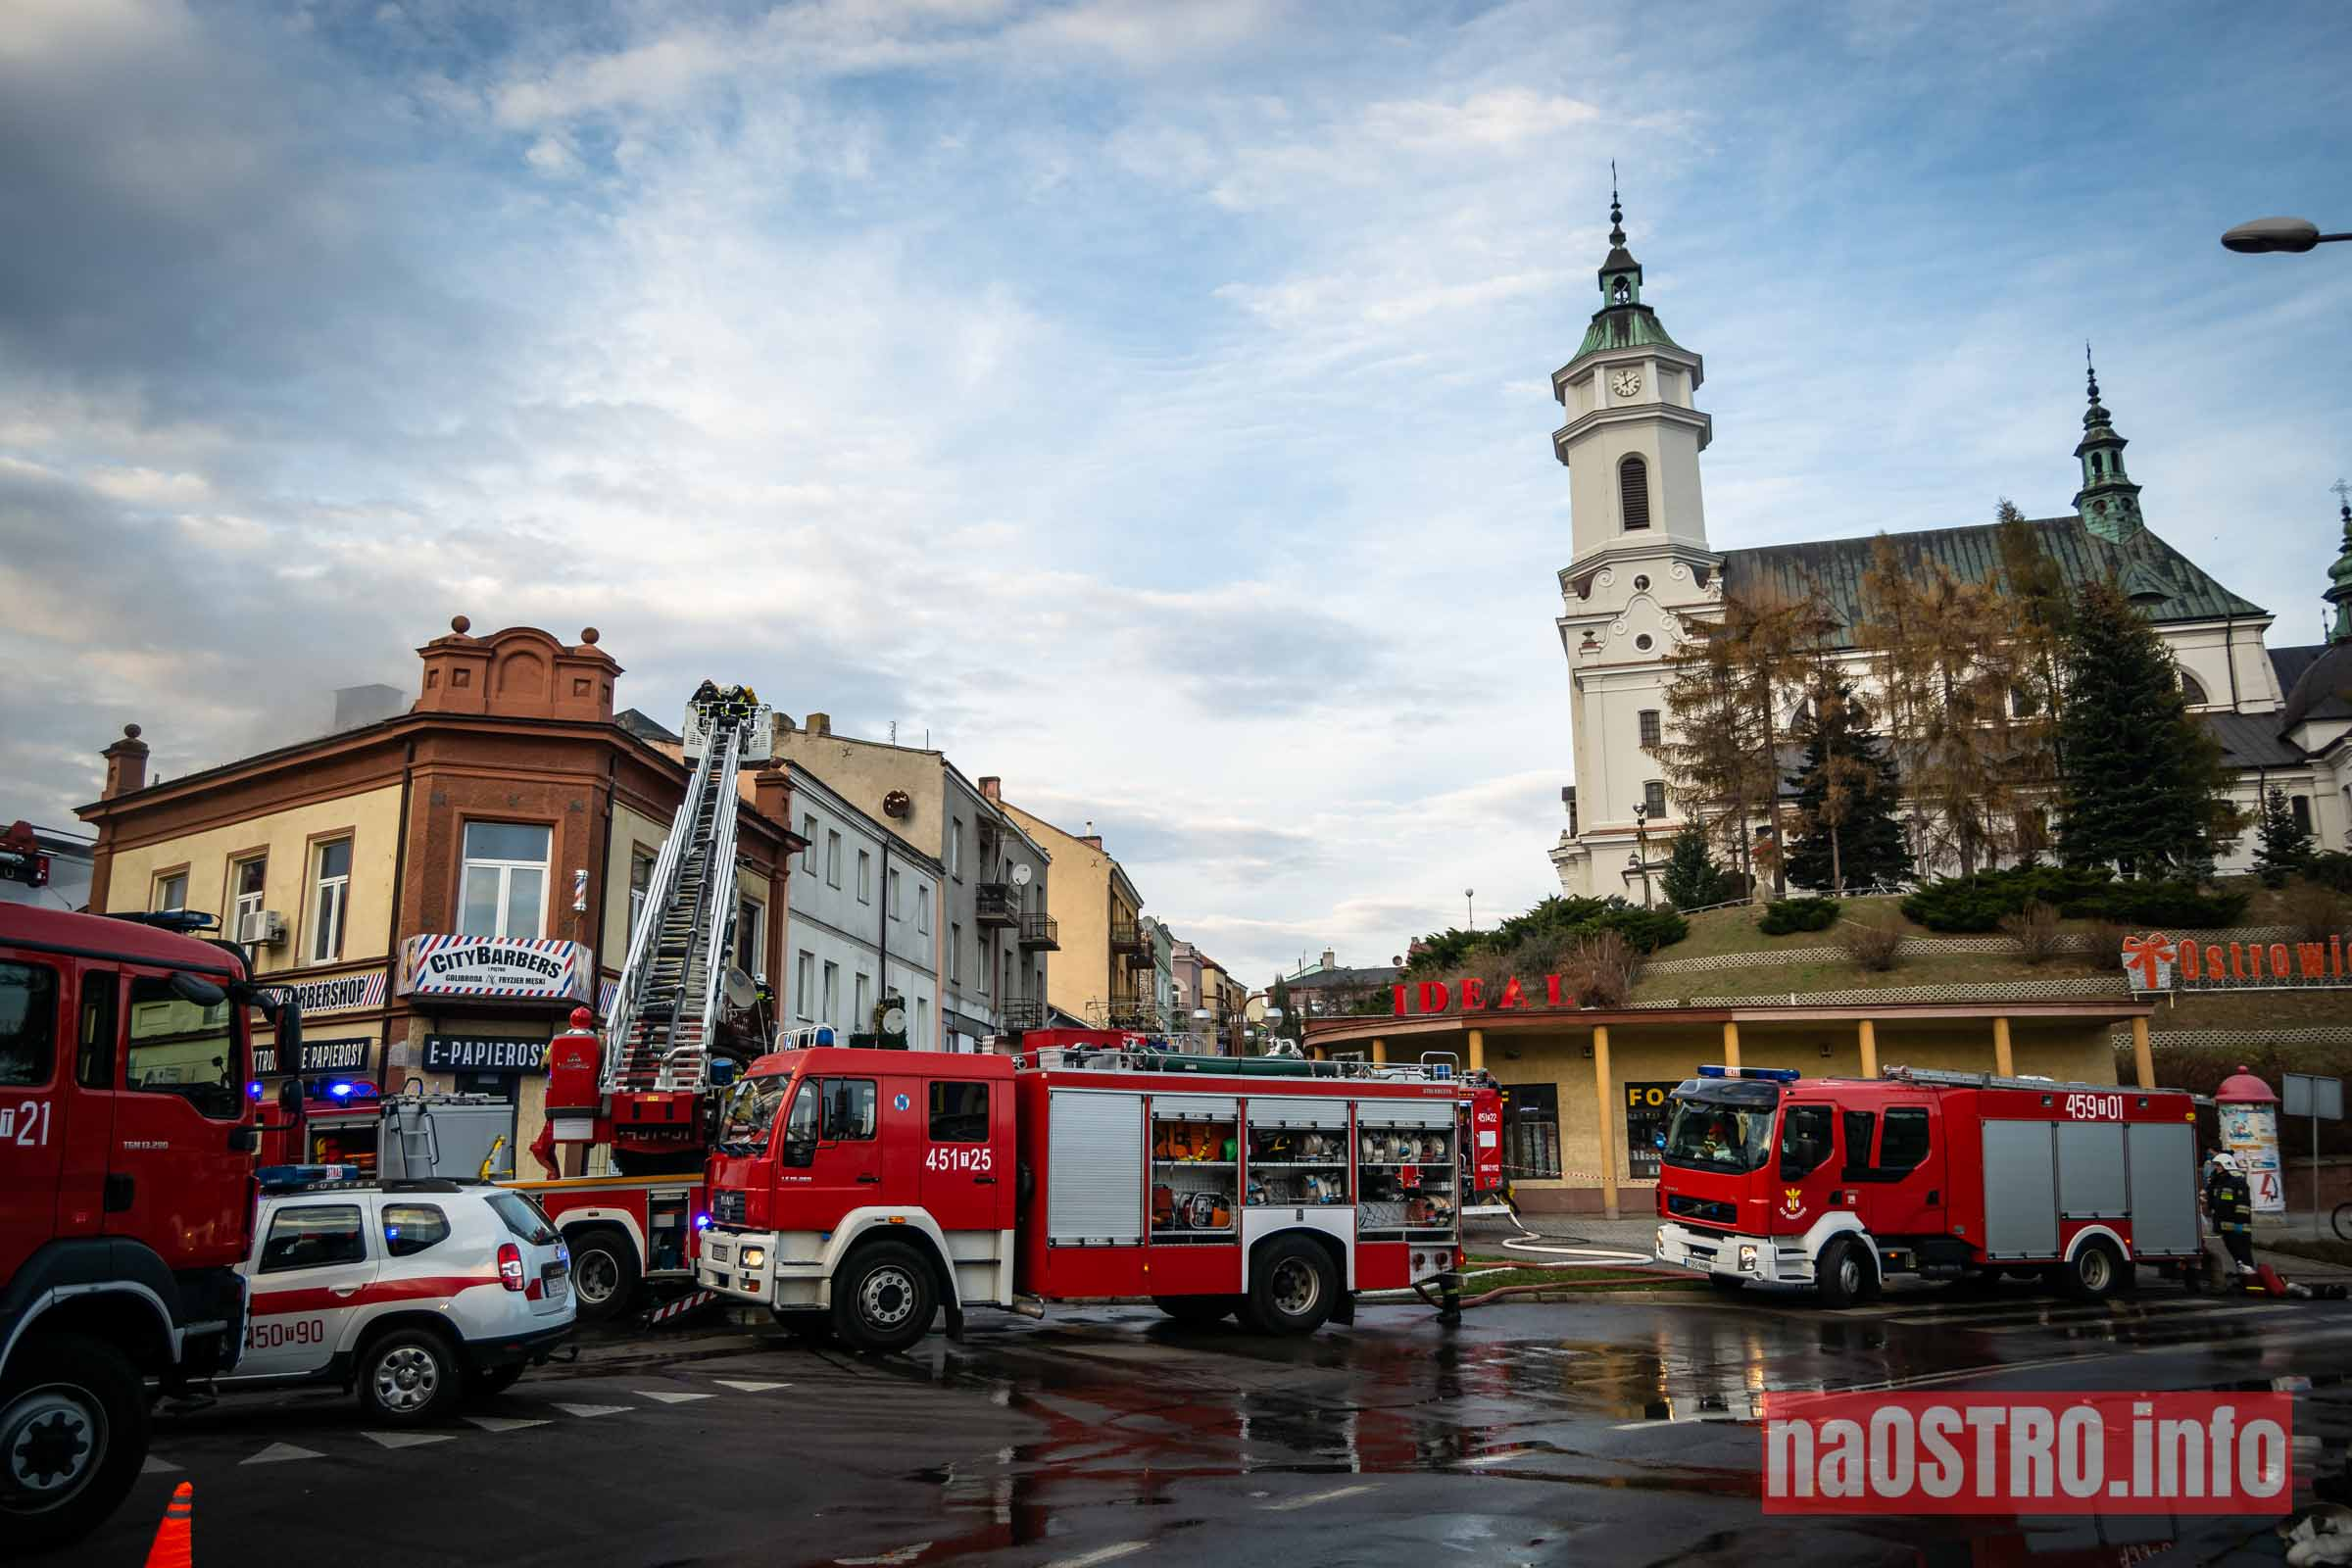 NaOSTROinfo Pożar ul Młyńska-3